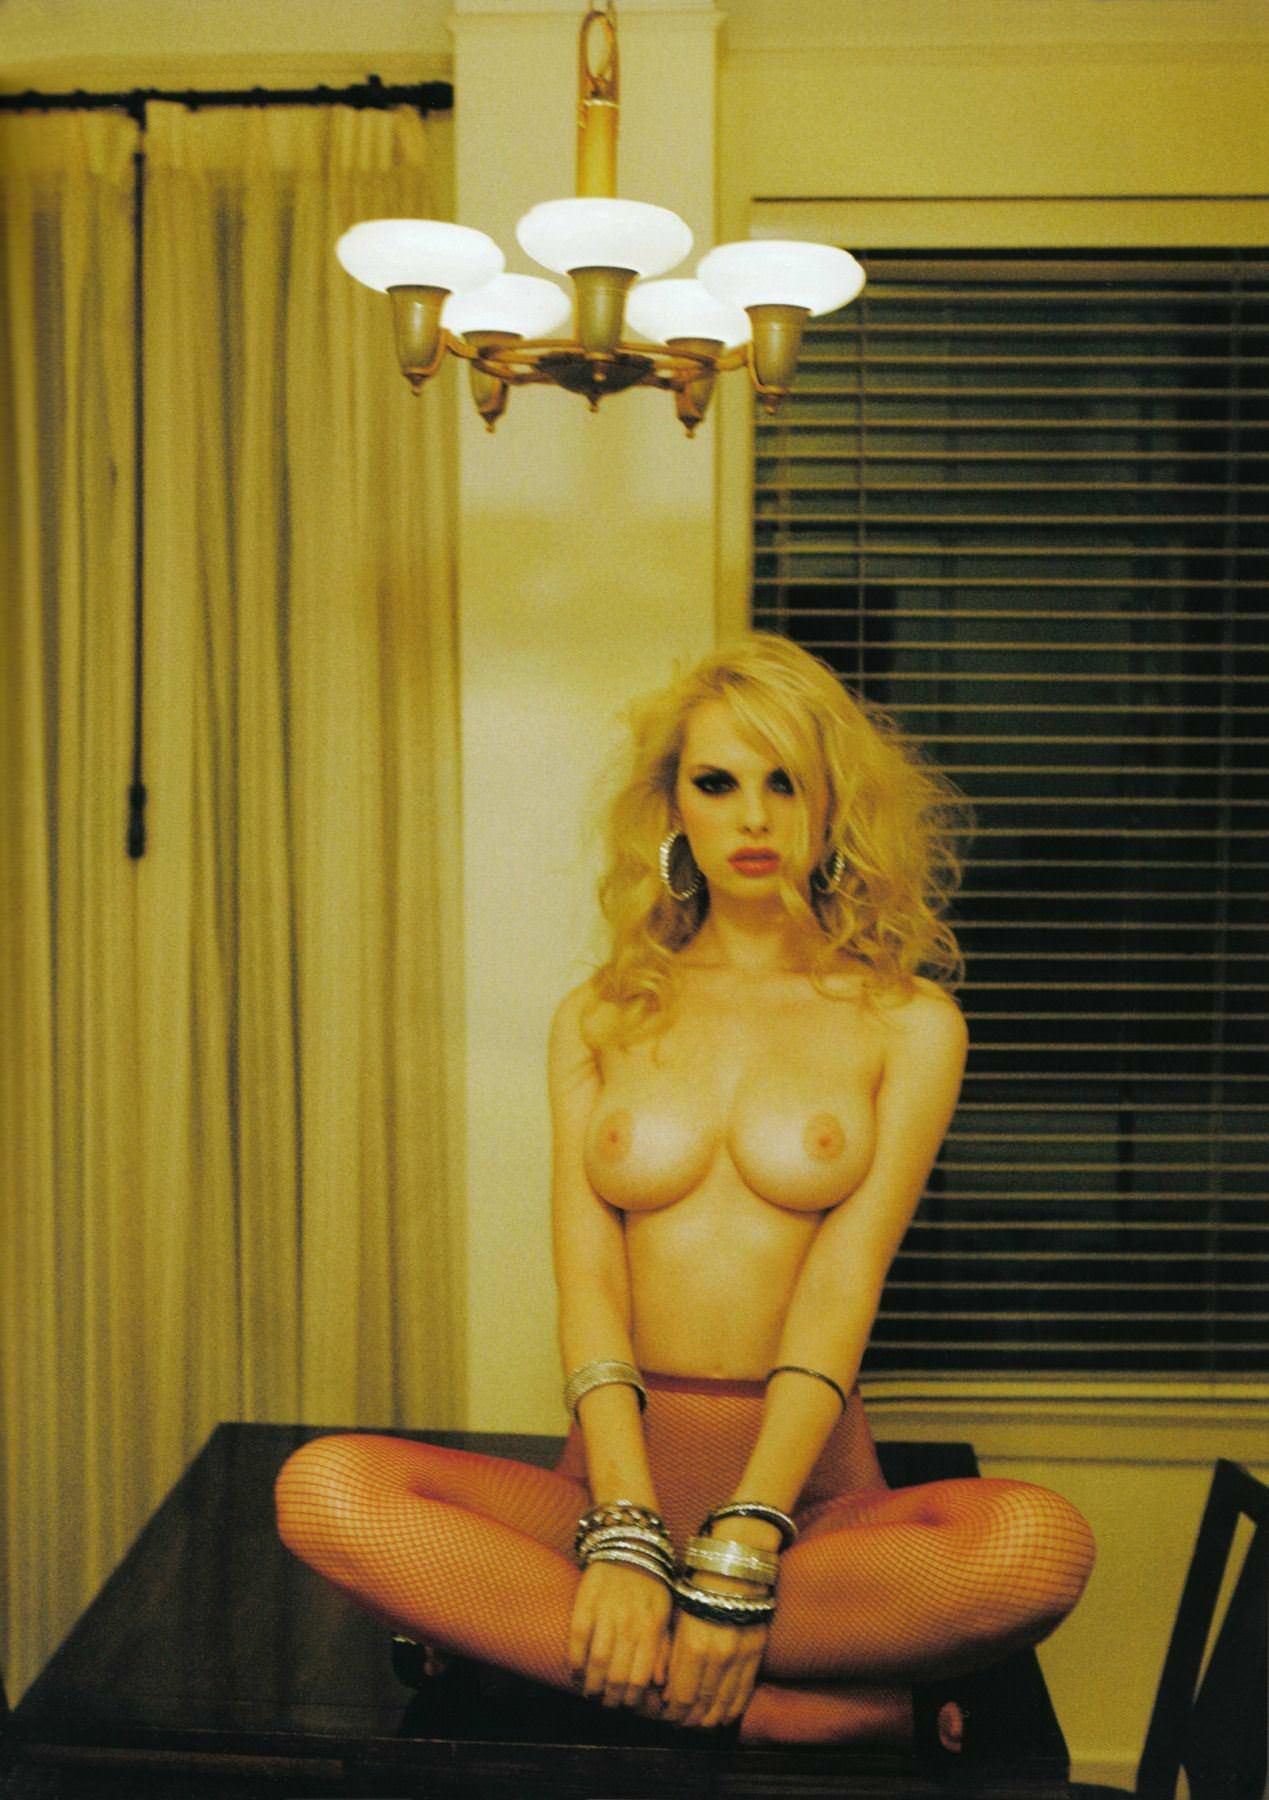 【外人】オランダアムステルダム出身のディオニ・タバーズ(Dioni Tabbers)が美乳おっぱいで挑発するポルノ画像 3223